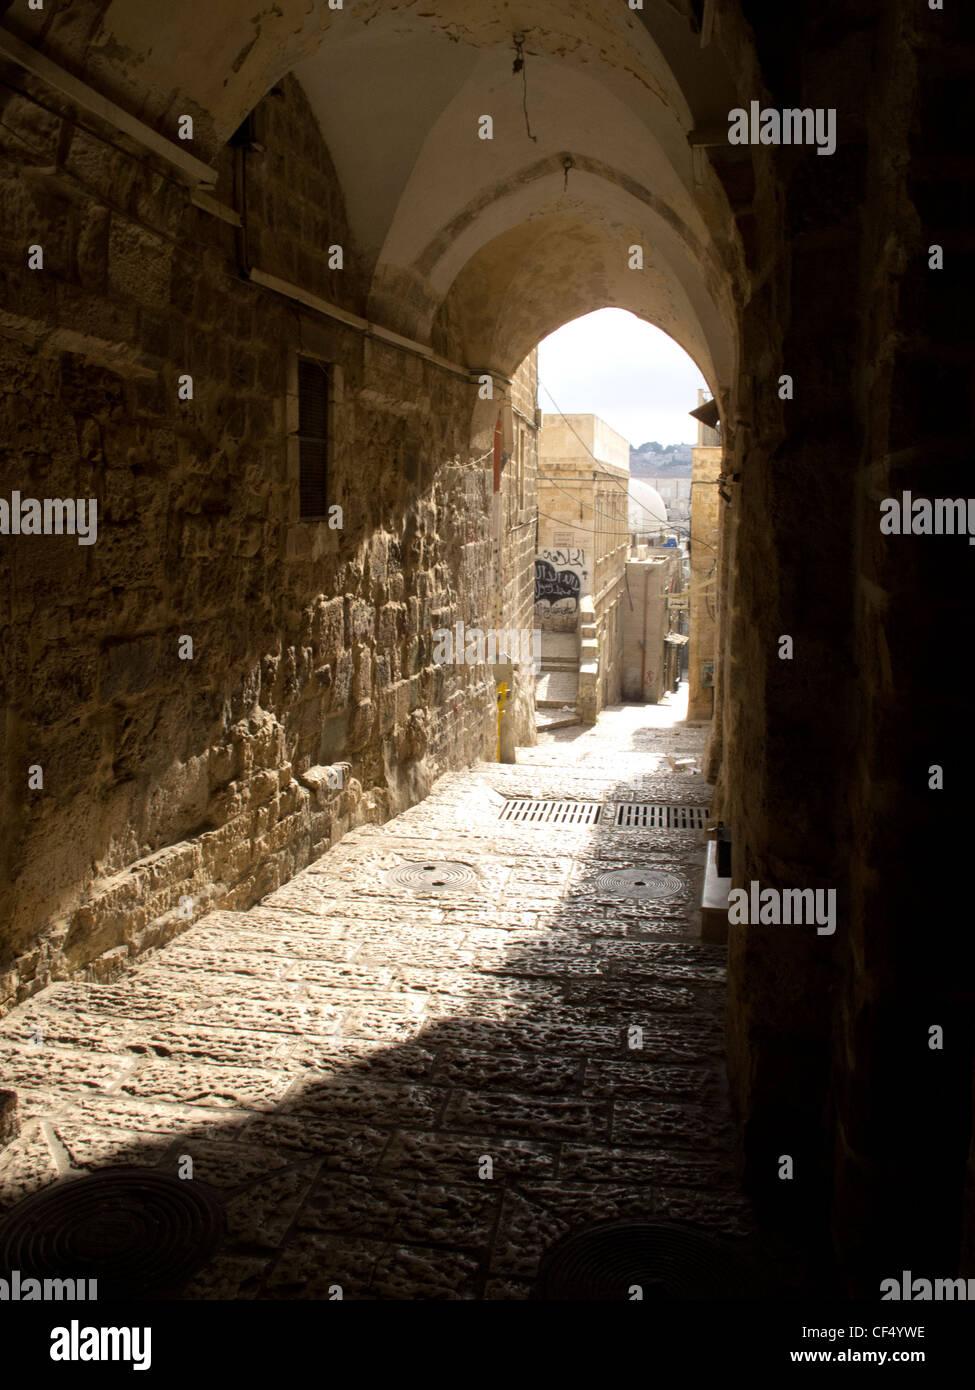 Palestine, West bank,Jerusalem inside the old city. - Stock Image